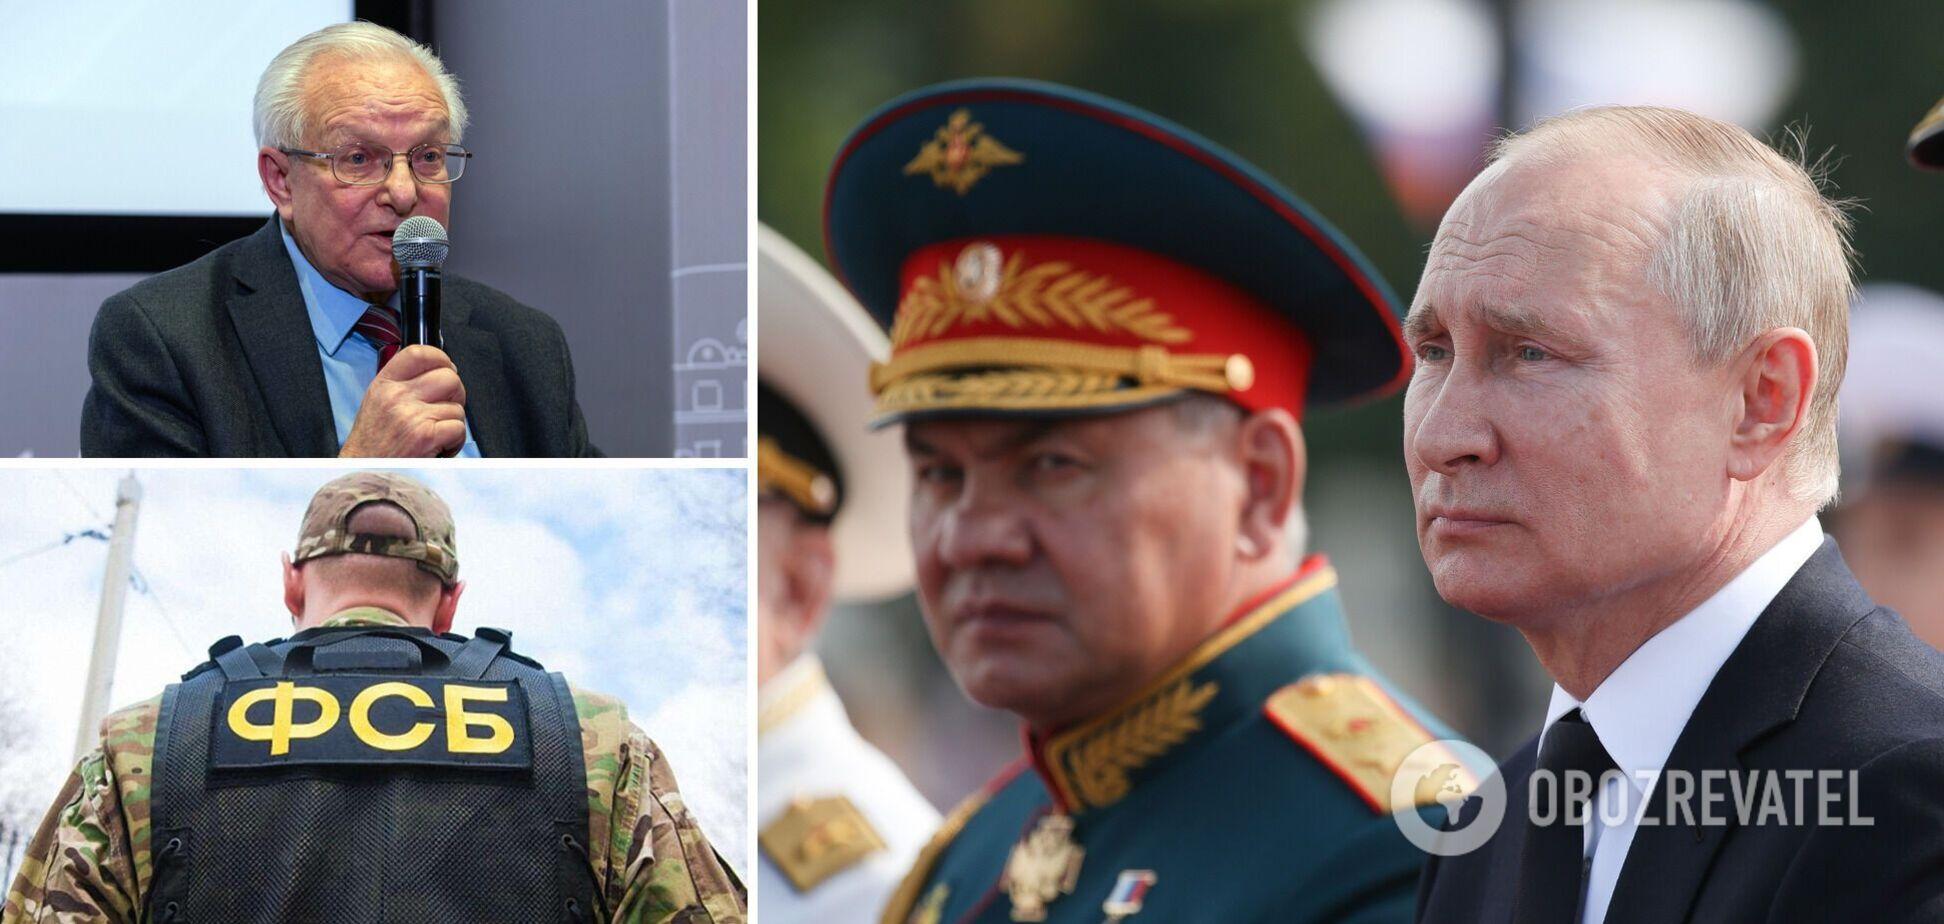 Чи потрібно Україні визнати ФСБ та ГРУ терористами? Дипломат оцінив ідею 'слуг народу'